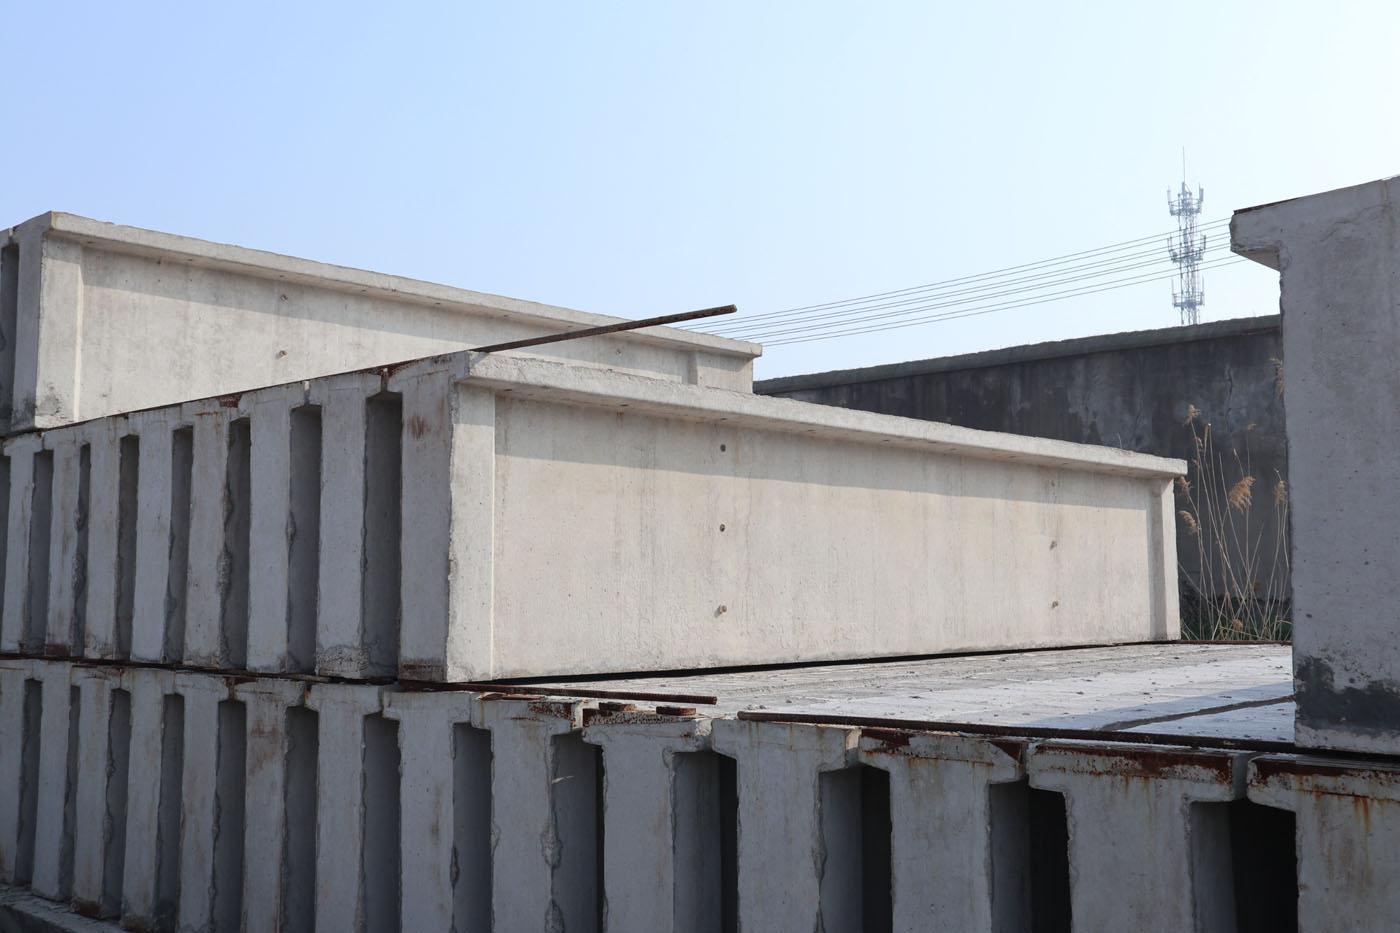 吊车梁混凝土